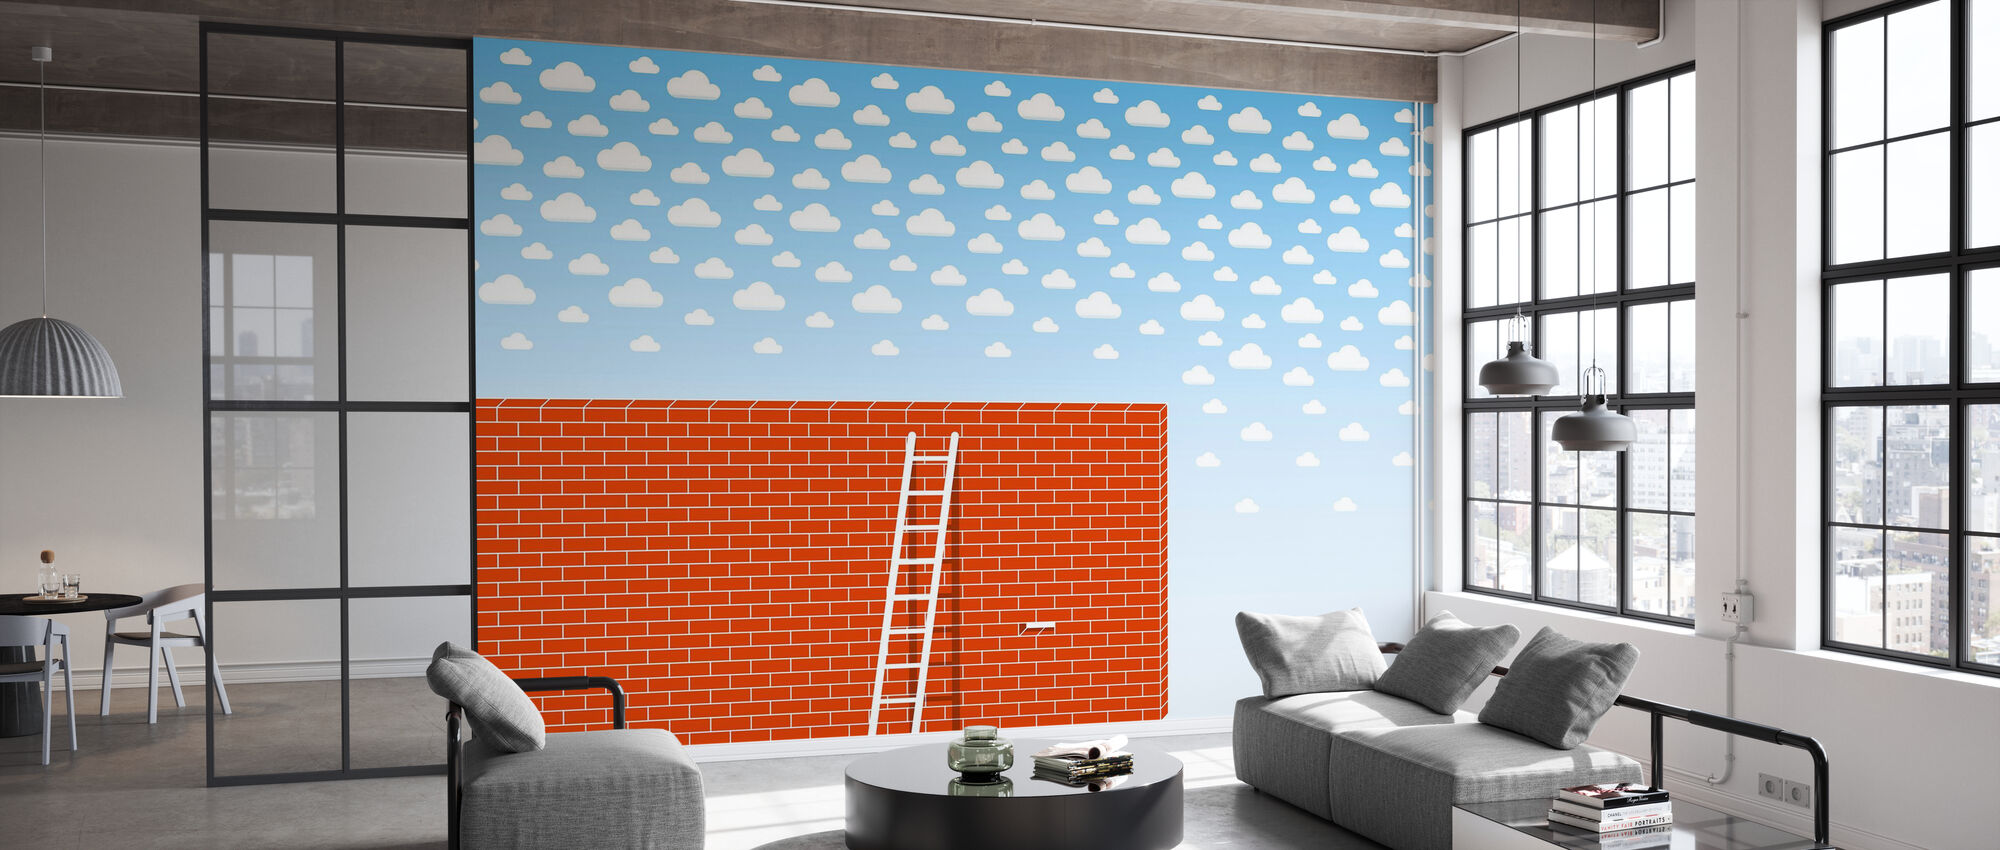 Cumulus Tegel Wall - Wallpaper - Office